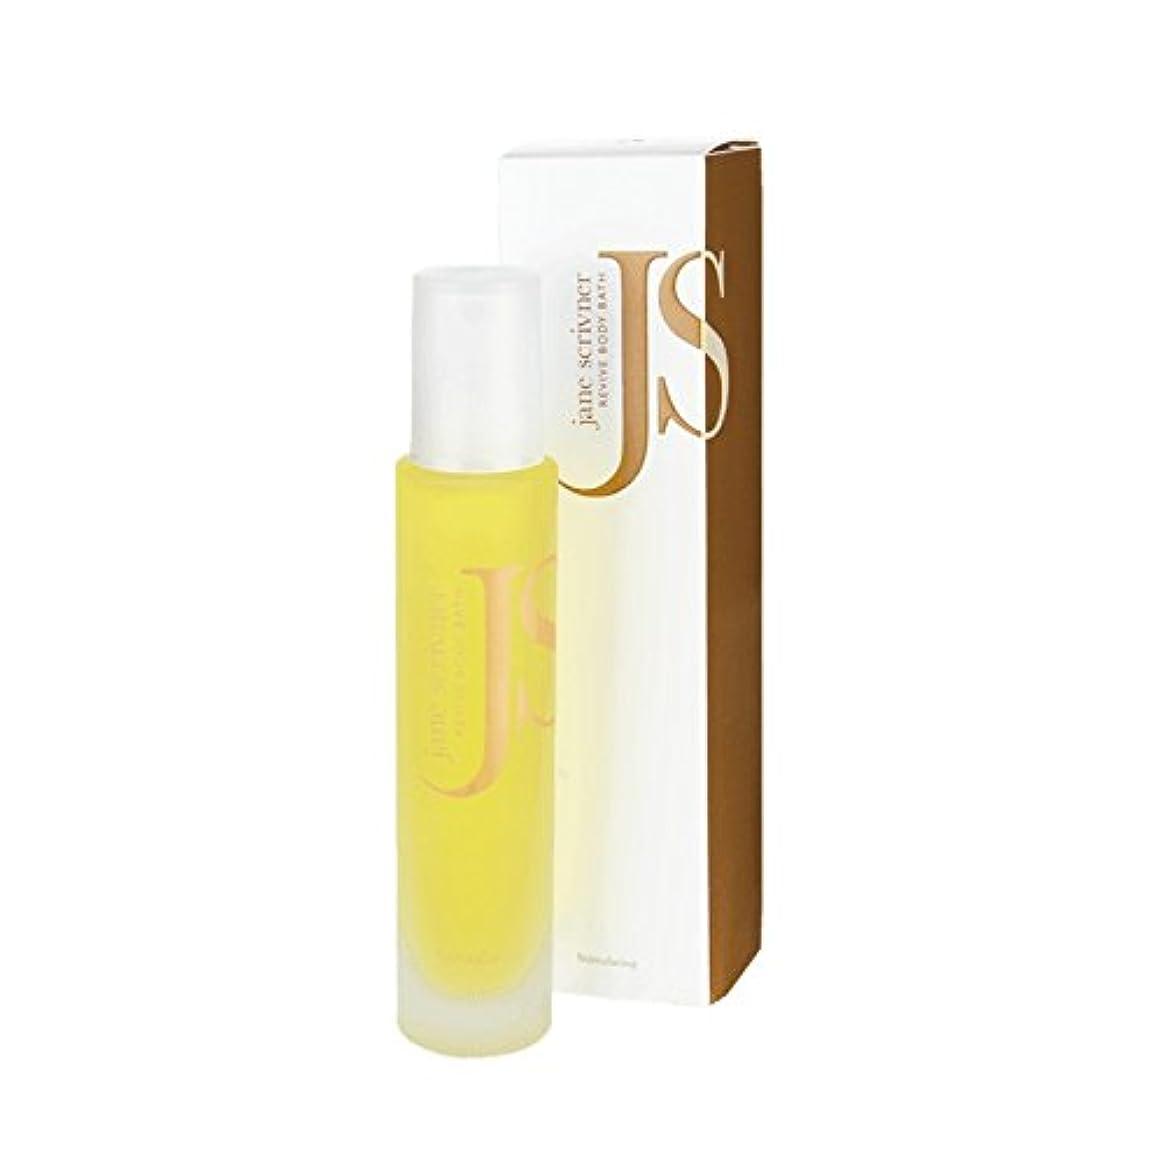 最初添加わかるJane Scrivner Body Bath Oil Revive 100ml (Pack of 2) - ジェーンScrivnerボディバスオイル100ミリリットルを復活させます (x2) [並行輸入品]